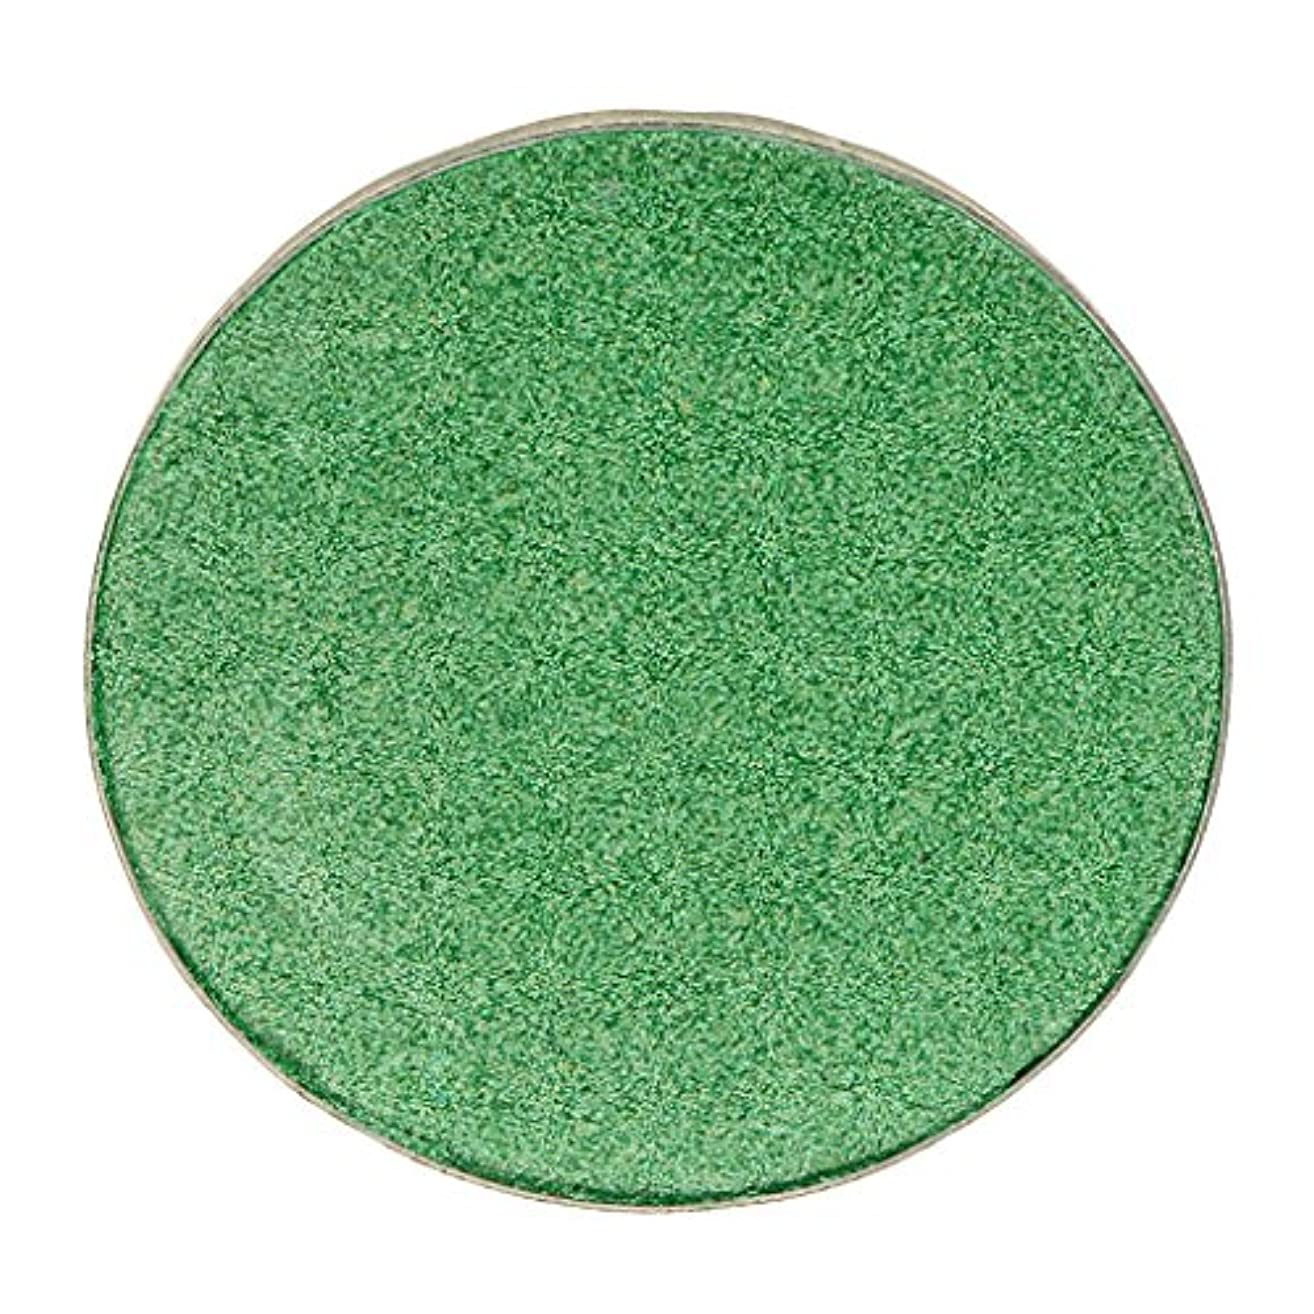 写真の宗教的な沼地化粧品用 アイシャドウ ハイライター パレット マット シマー アイシャドーメイク 結婚式 パーティー 全5色 - #38グリーン